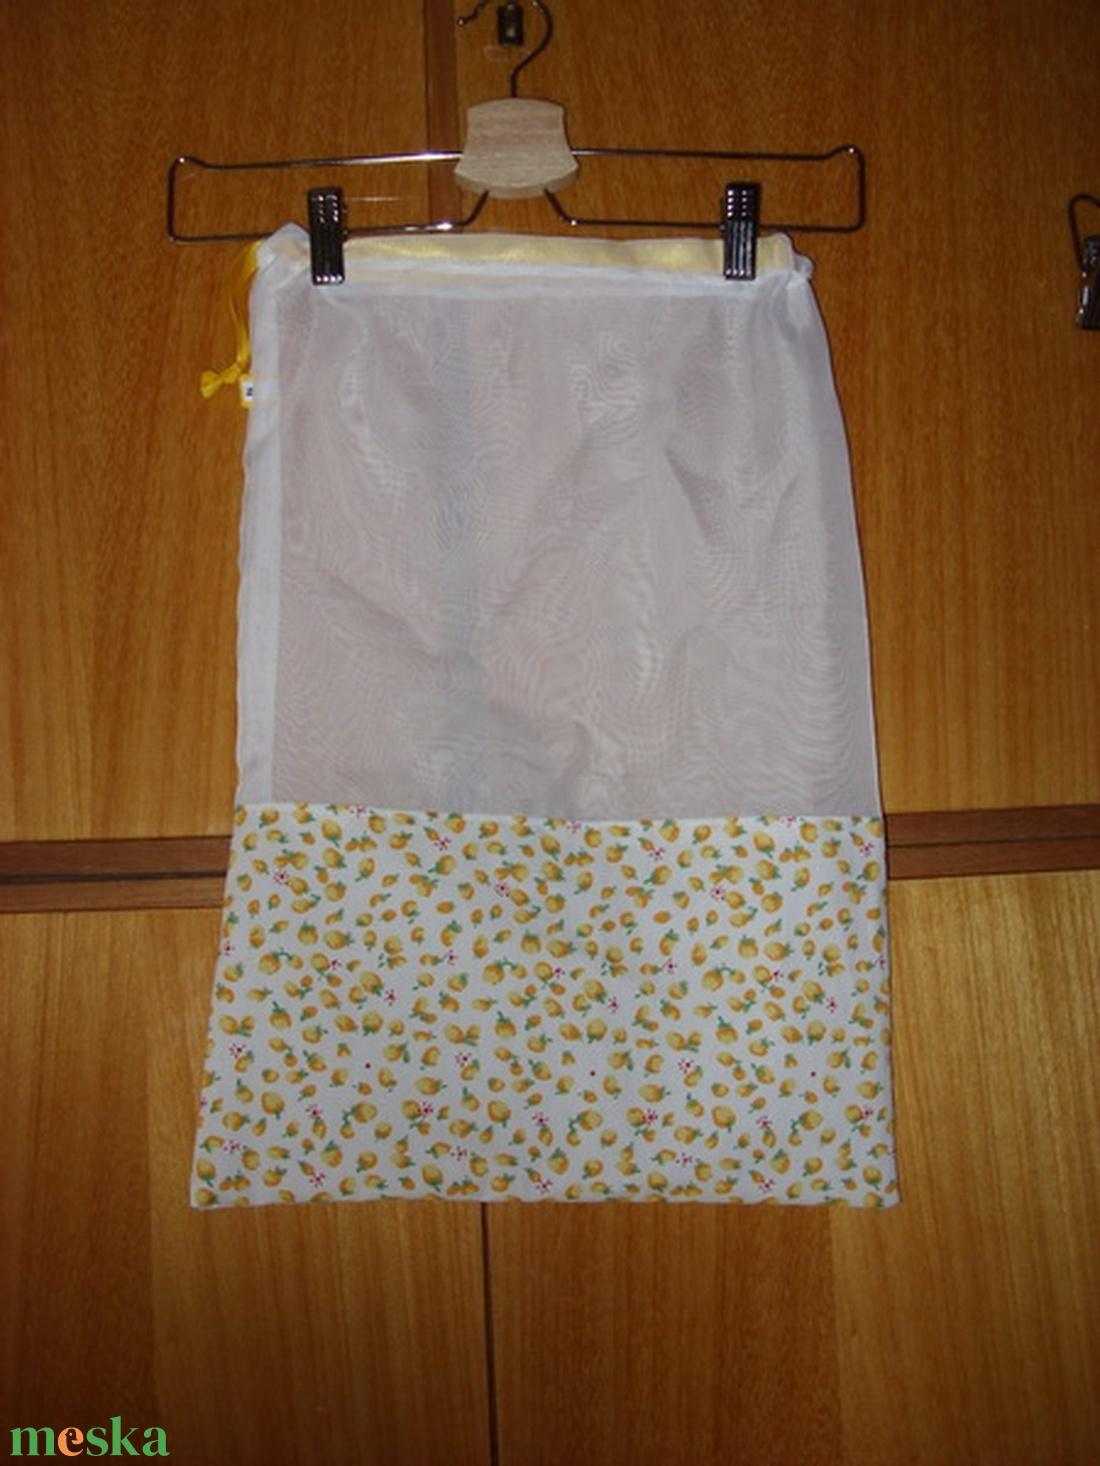 Gyümölcsös zsák, újra használható, mosható Zöldülj Te is - táska & tok - bevásárlás & shopper táska - zöldség/gyümölcs zsák - Meska.hu